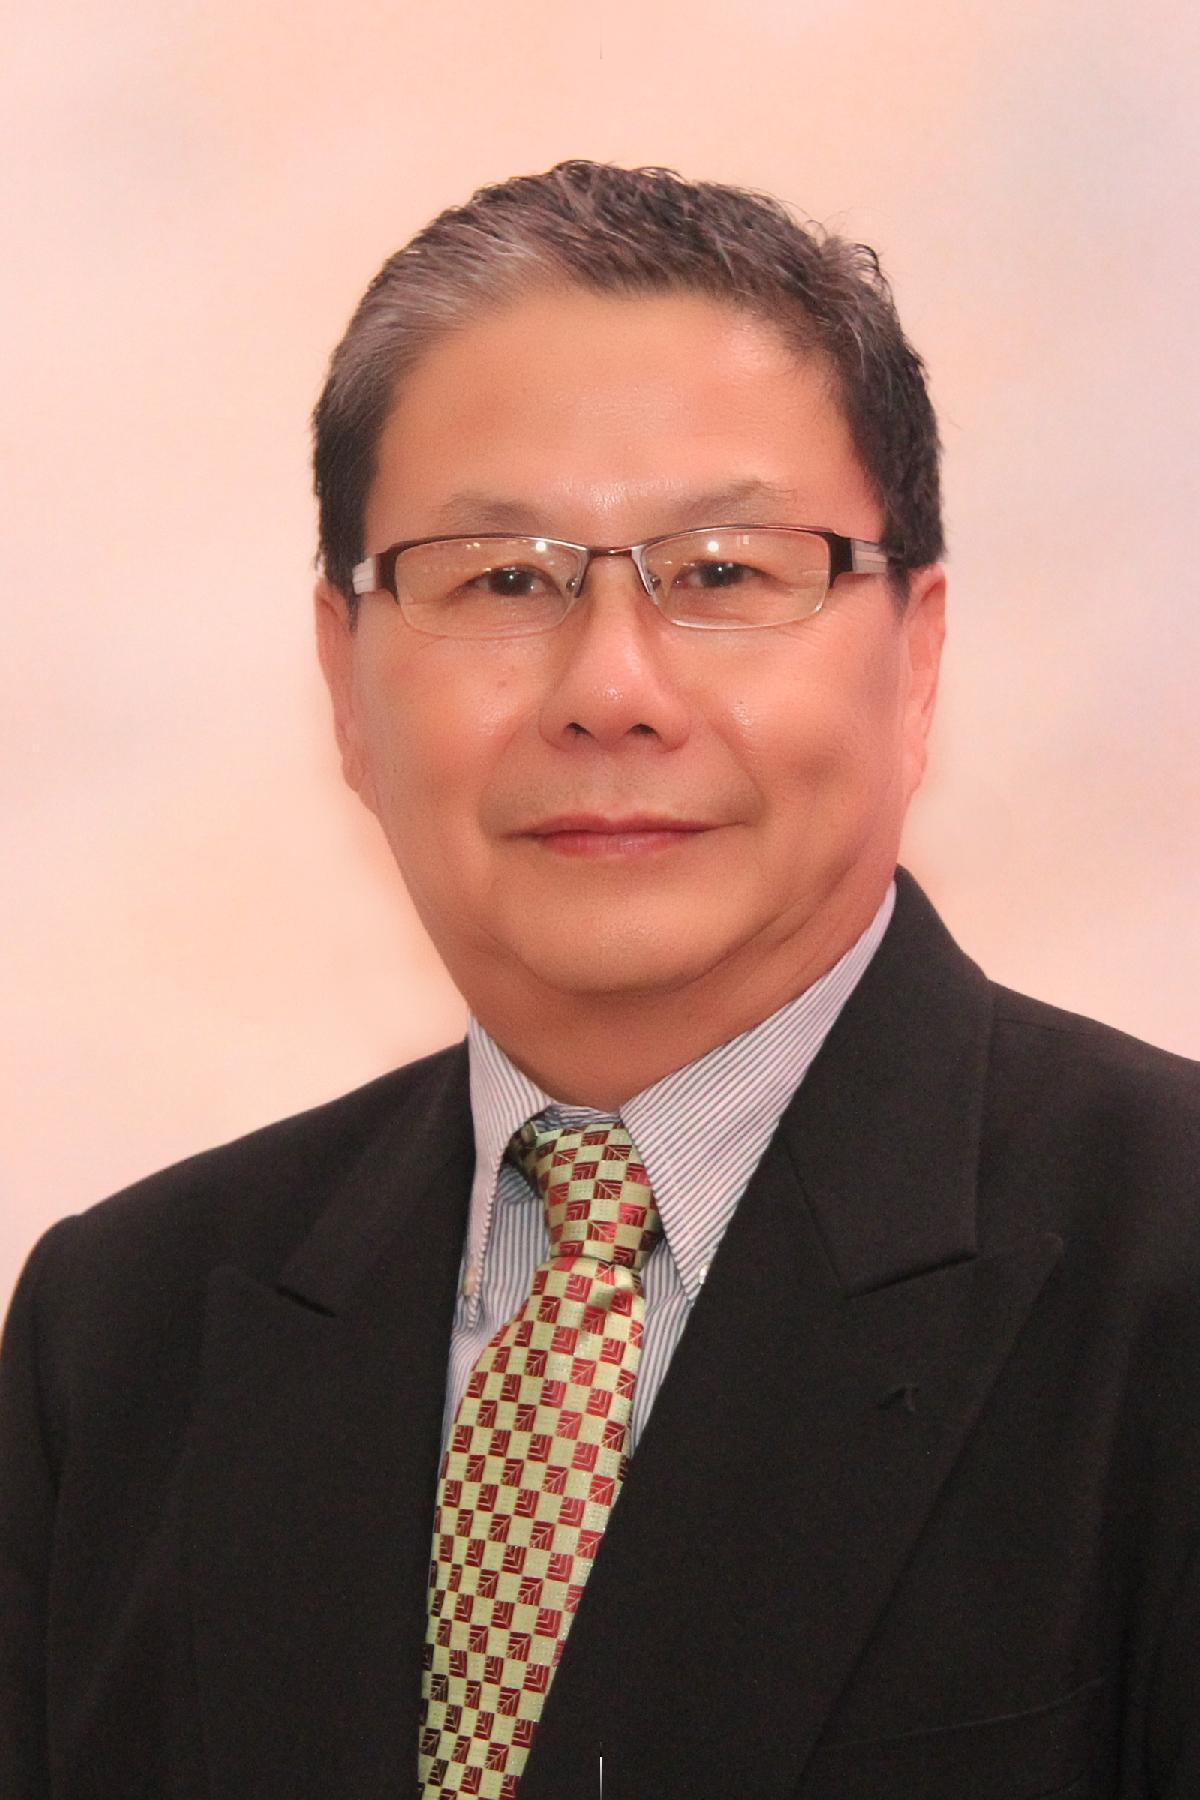 <h80>曾俊云</h80><br>Chan Keng Hoon